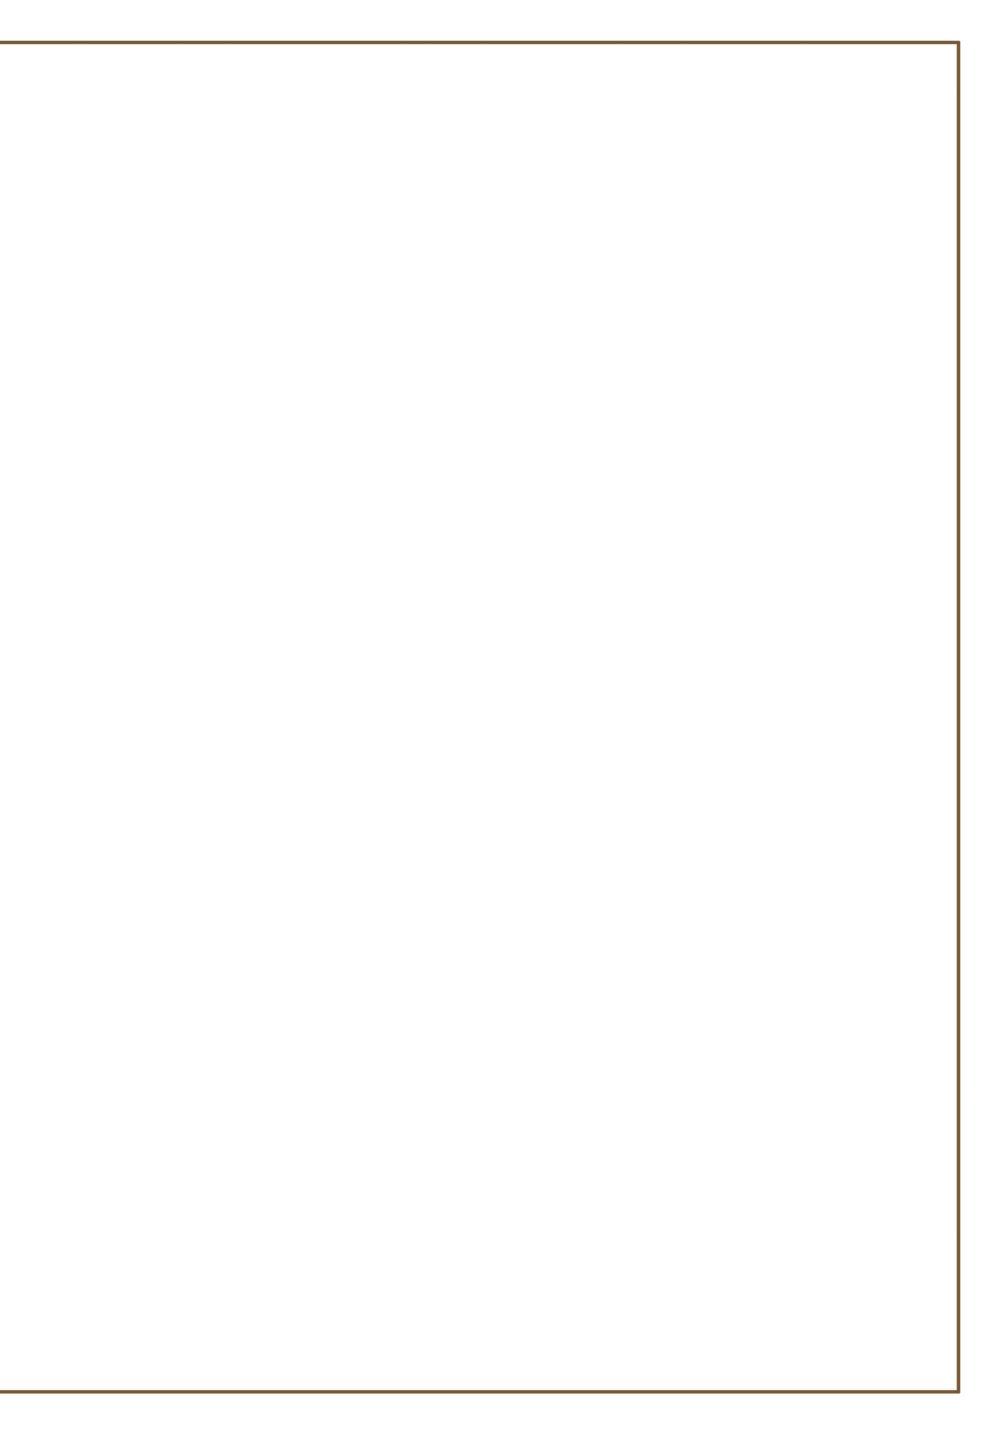 Ansicht 5 - Kirchenheft Umschlag Harmonie